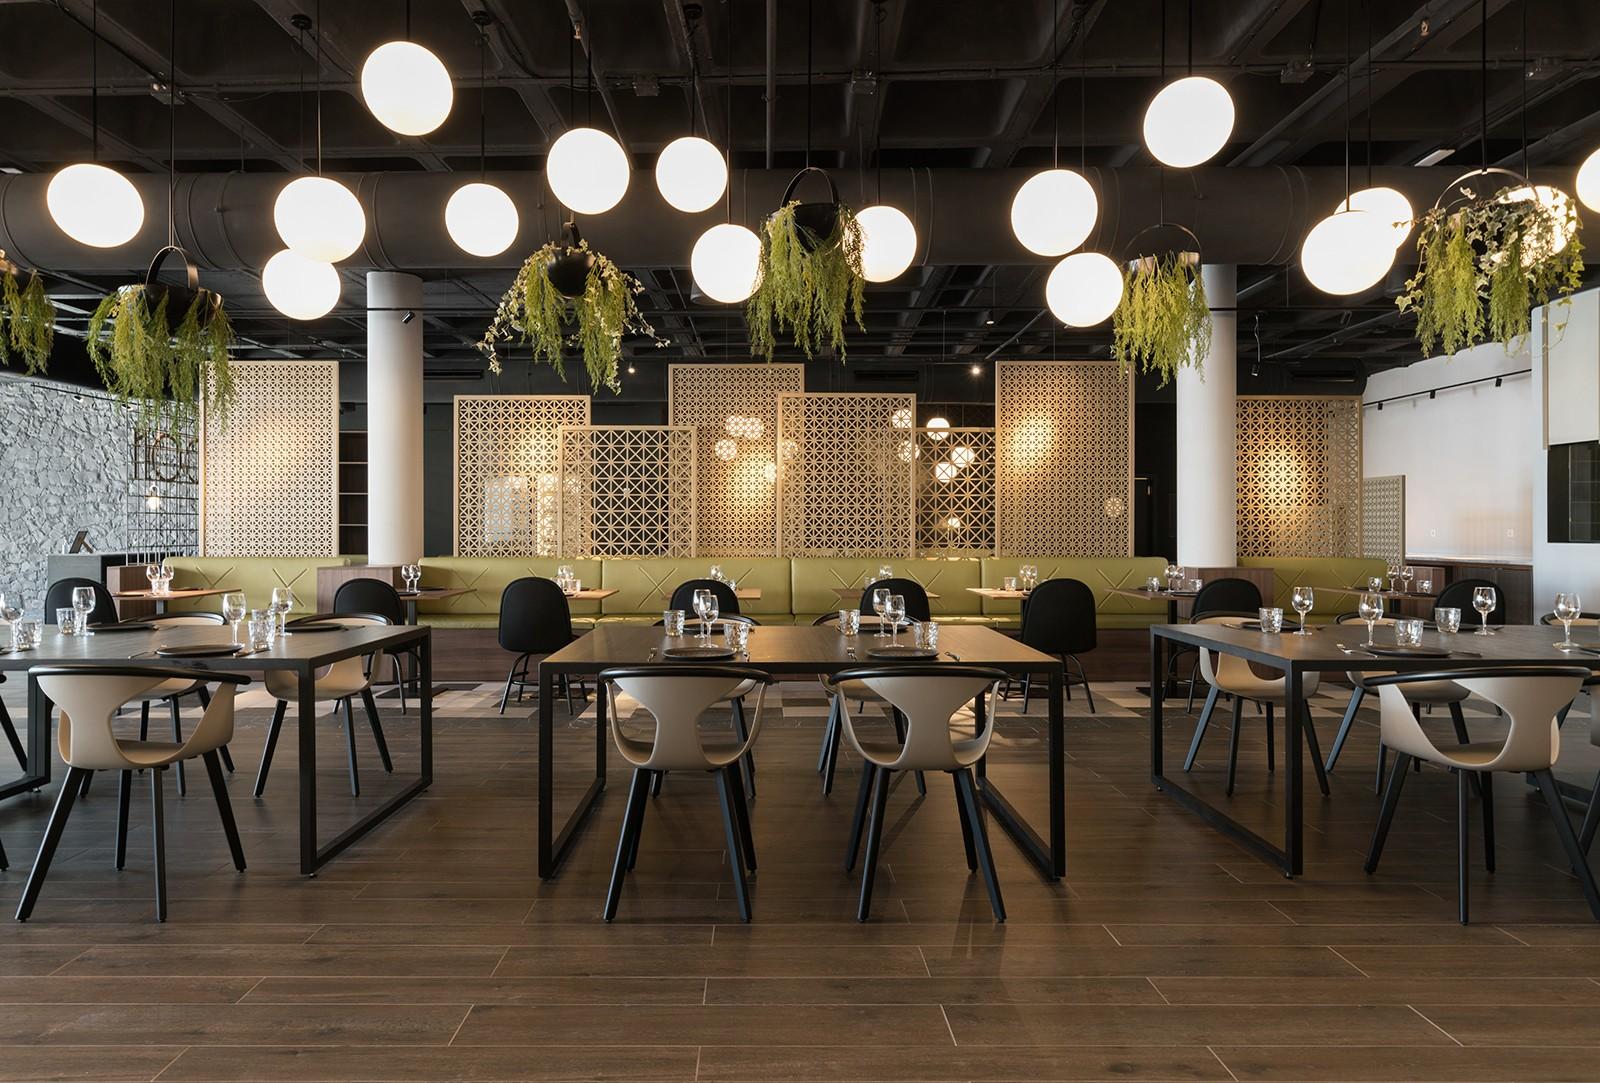 Restaurante espanhol possui arquitetura inspirada em dragão de 100 cabeças